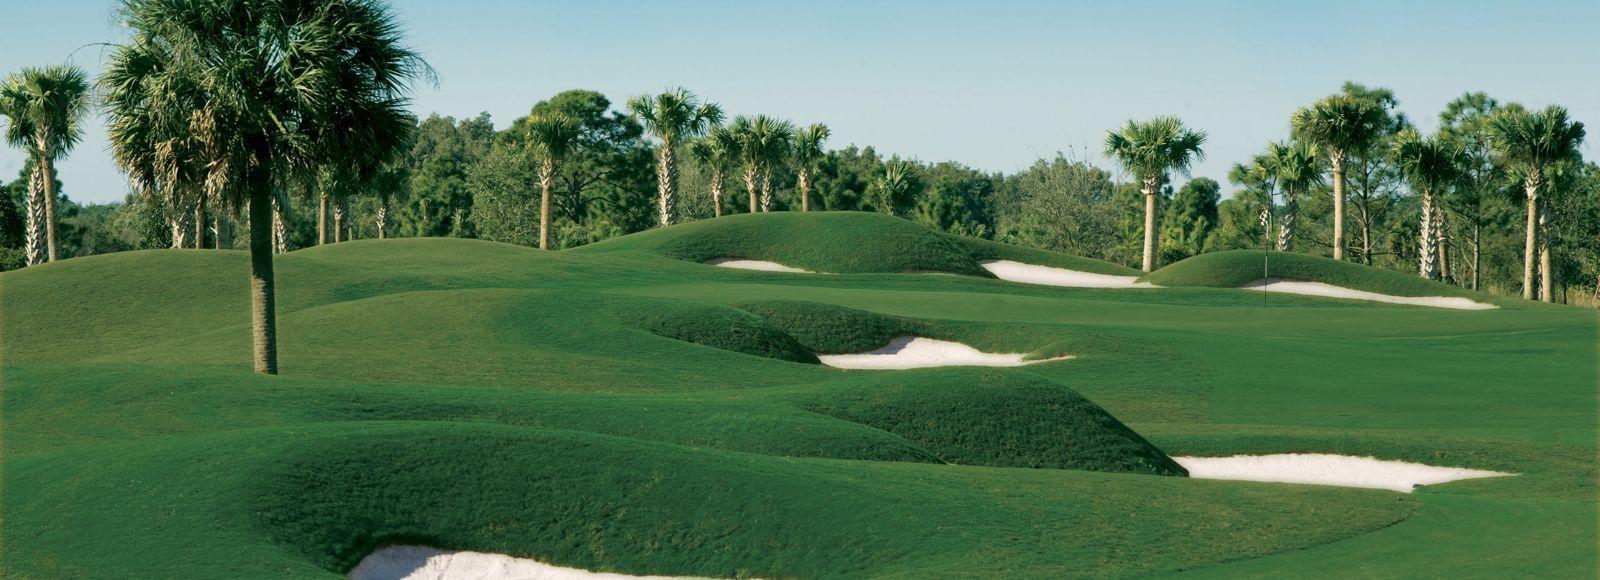 Saraota Fl Sarasota National Public Troon Golf Course Near Sarasota Florida Golf Courses Sarasota Sarasota Florida